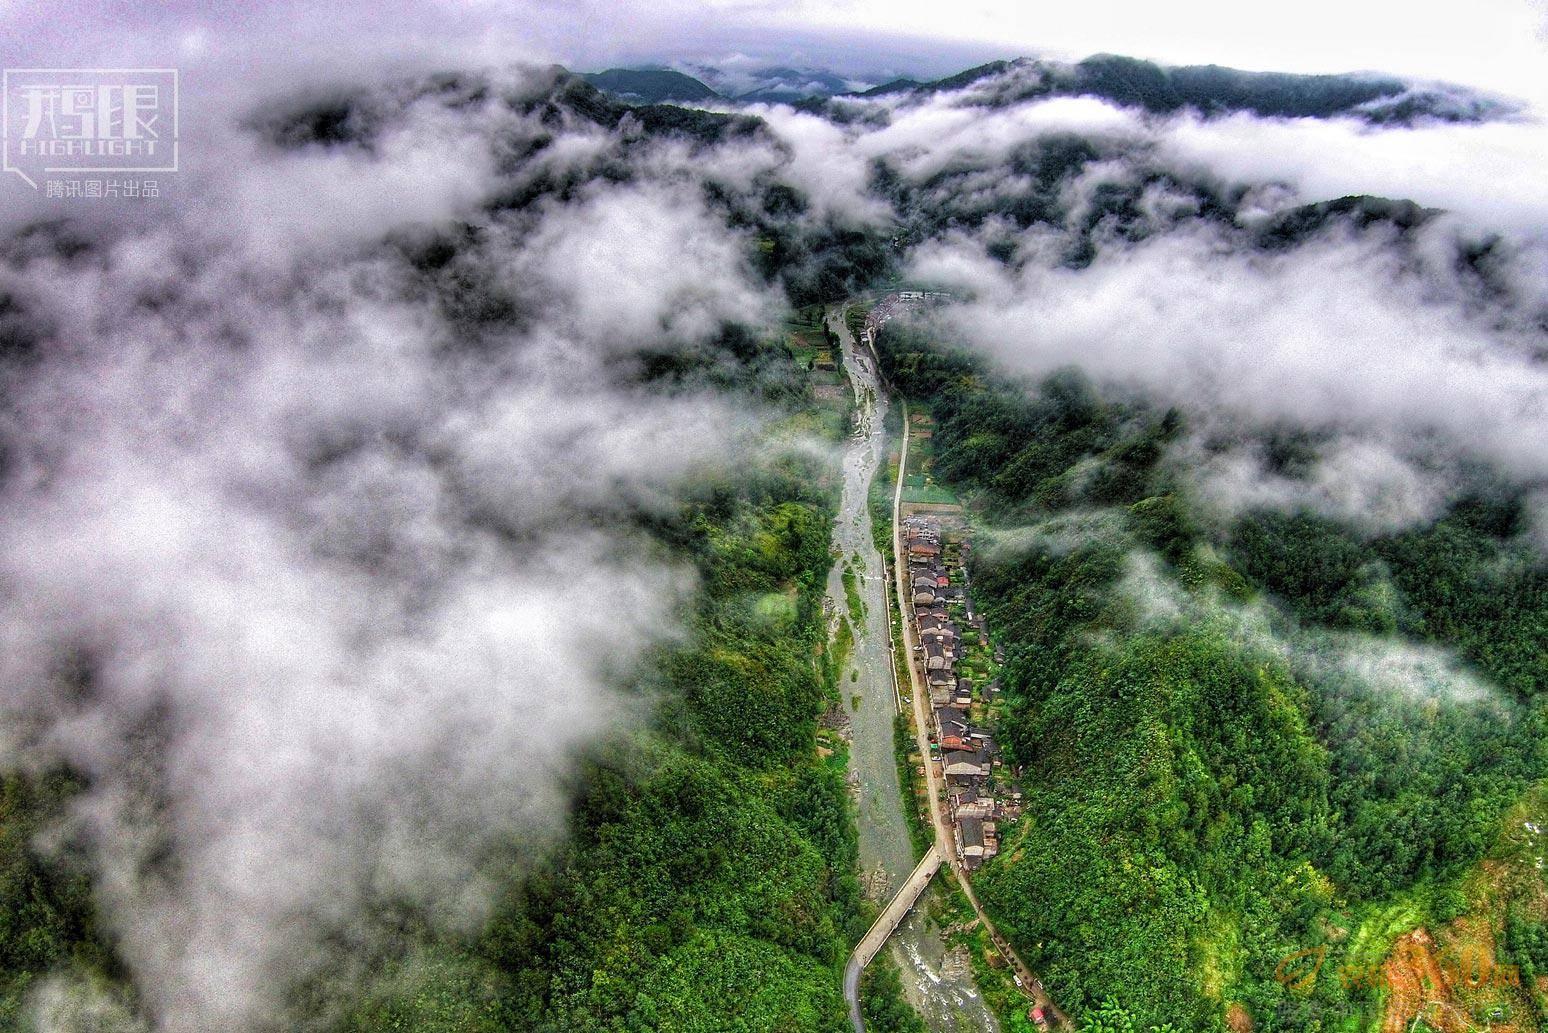 陕西汉中宁强县,清晨雨后云雾缭绕的青木川古镇